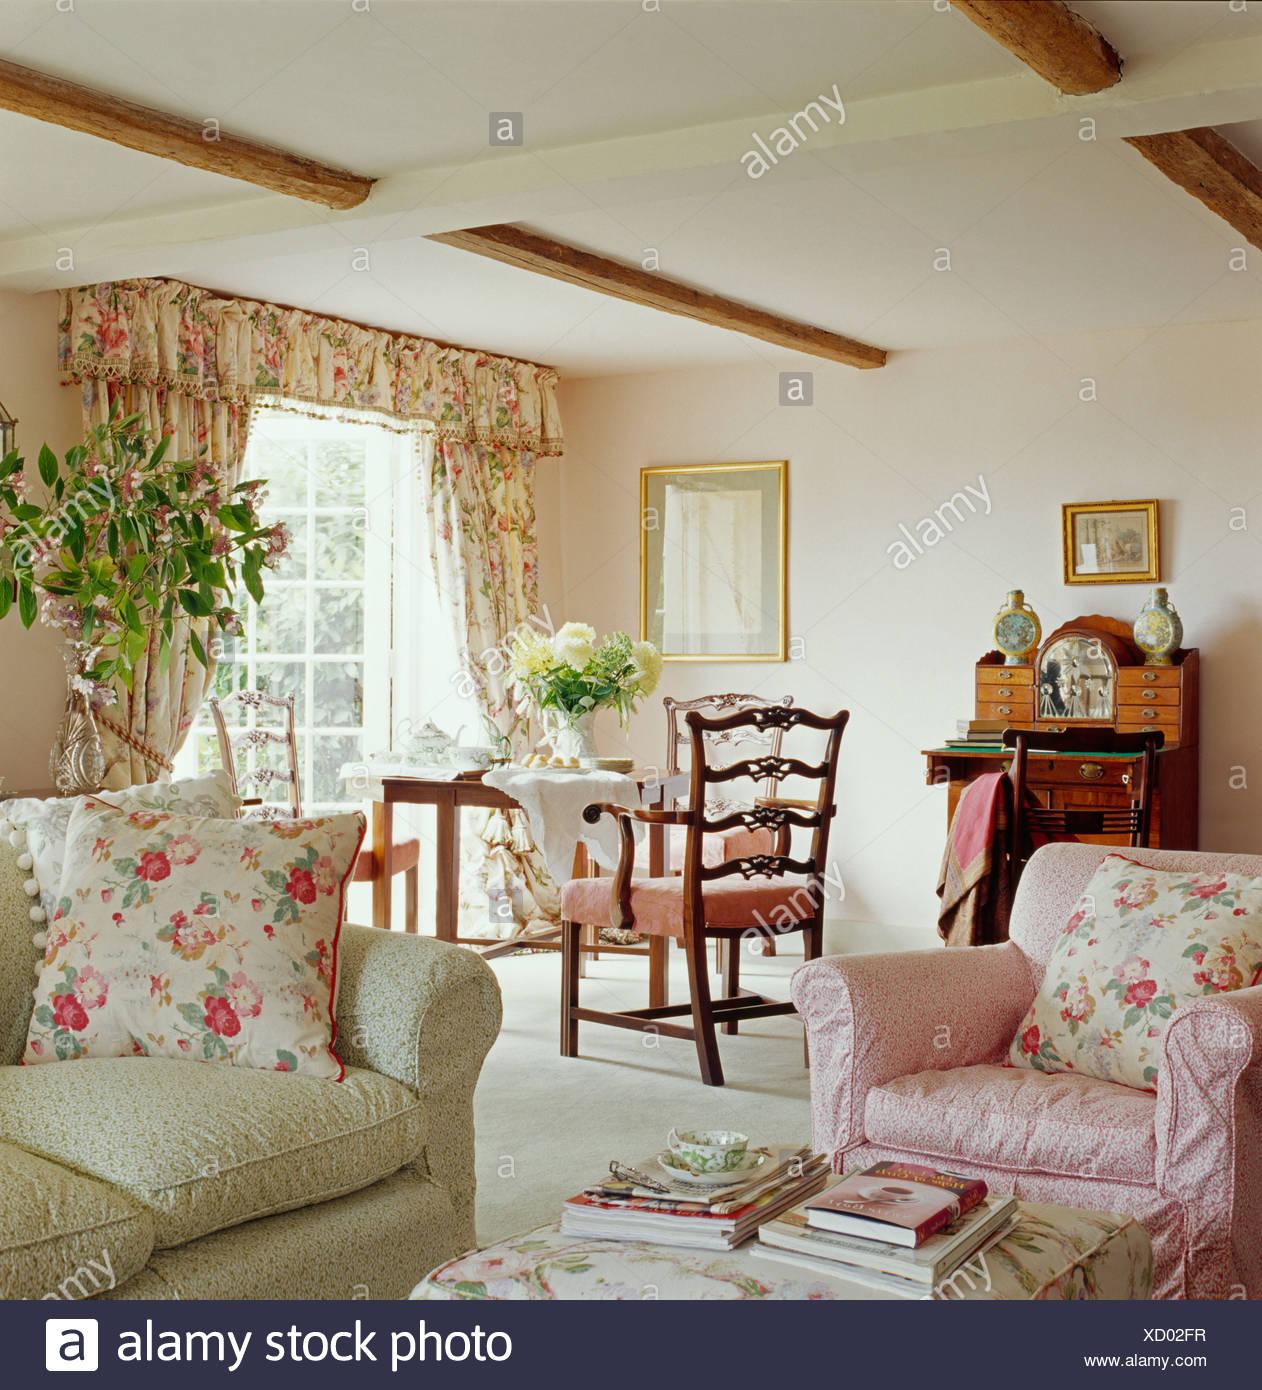 Wohnzimmer Kissen Top Schn Schne Teppiche Wohnzimmer With